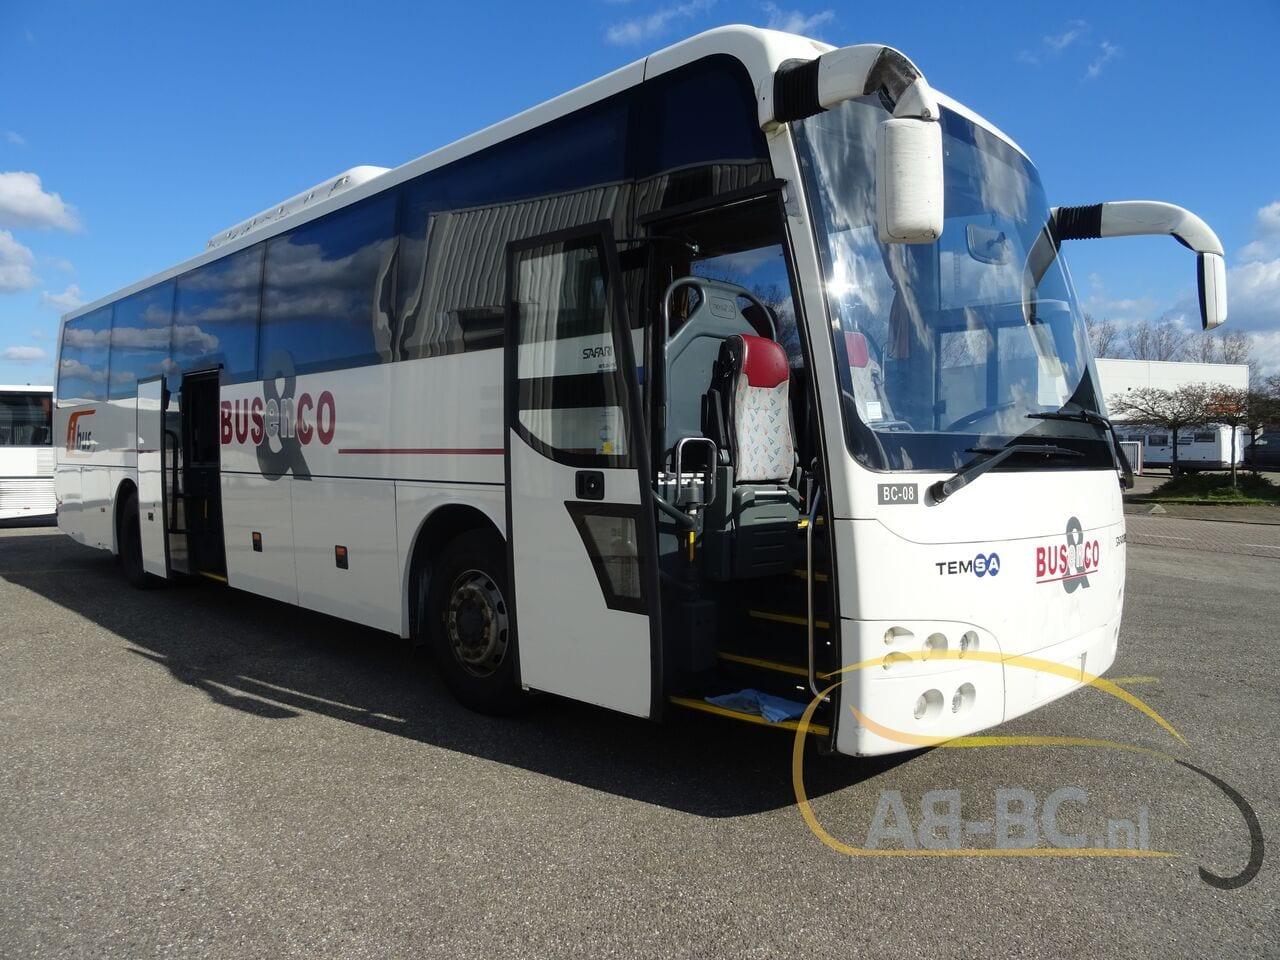 coach-busTEMSA-Safari-RD-53-Seats-DAF-Motor-12-mtr---1616164228571442061_big_956eb4b3cbacbf5892faa387f21ceafb--21031916283496651600